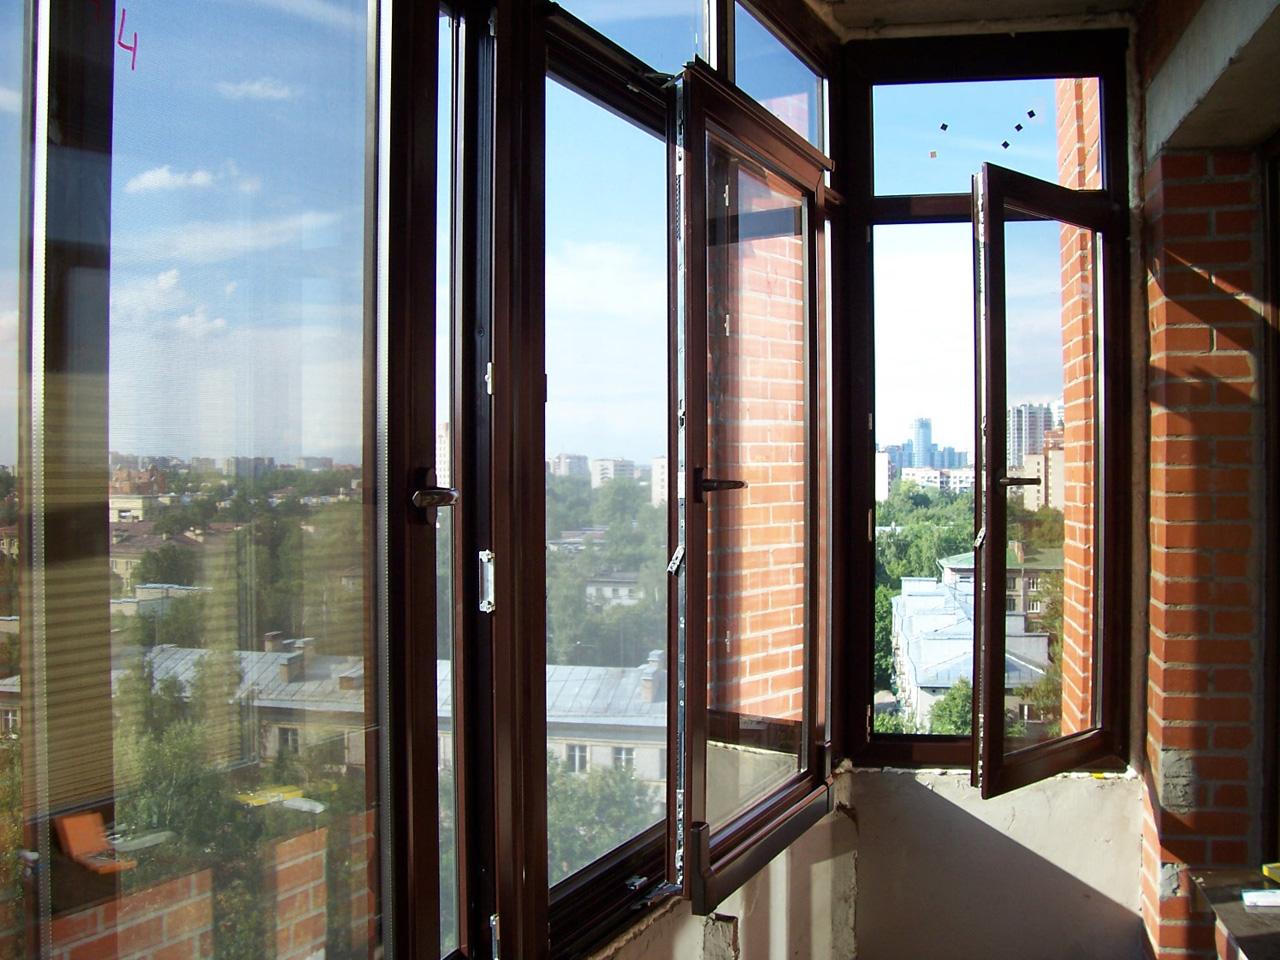 metalloplastikovie okna  kak investiciya v budushee 2